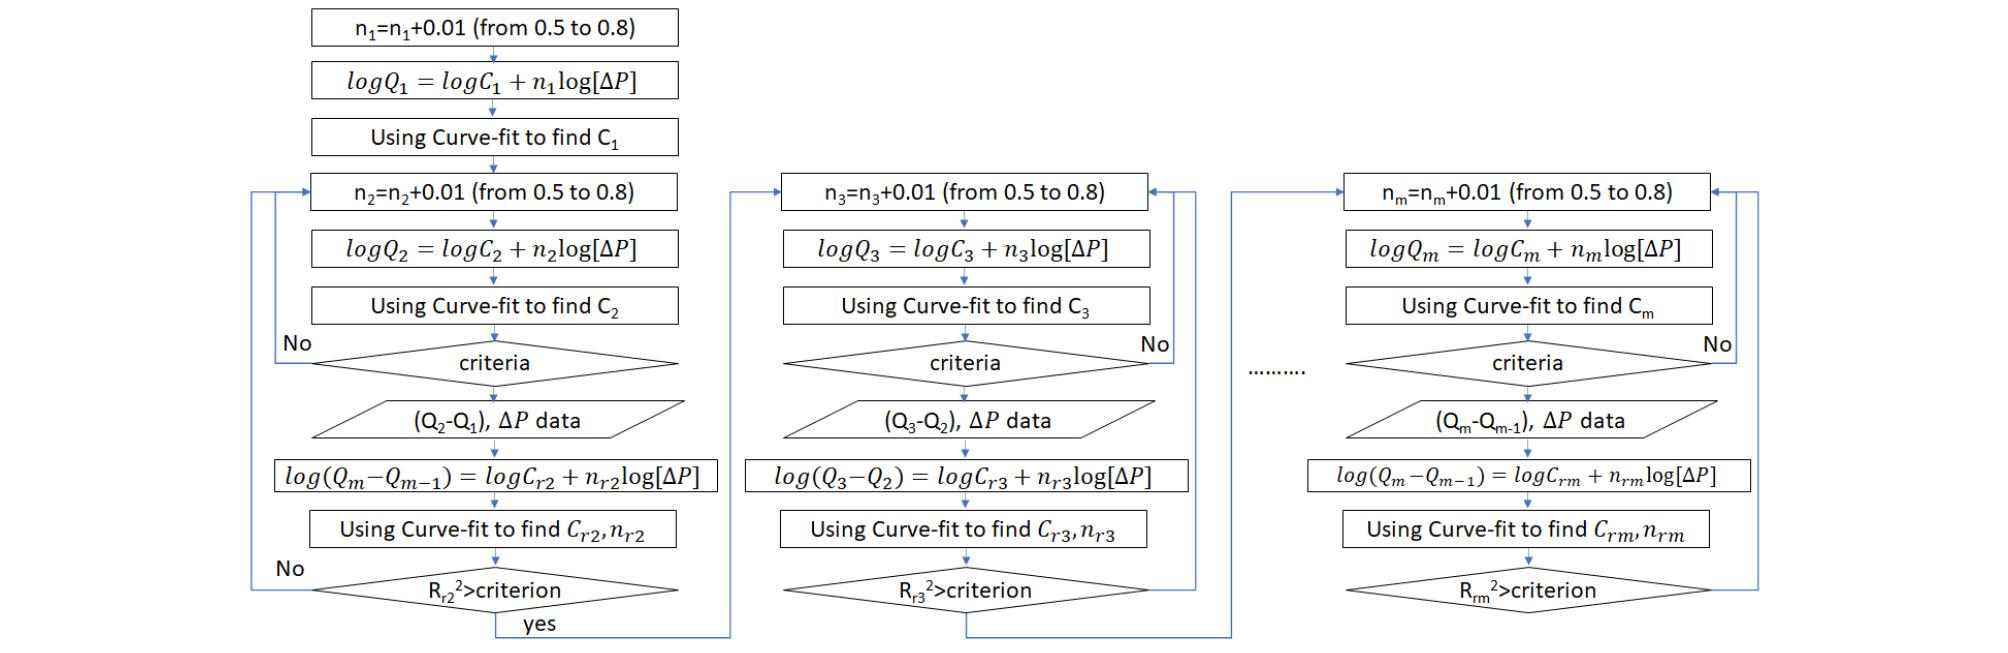 http://static.apub.kr/journalsite/sites/kiaebs/2020-014-05/N0280140501/images/Figure_KIAEBS_14_5_01_F5.jpg